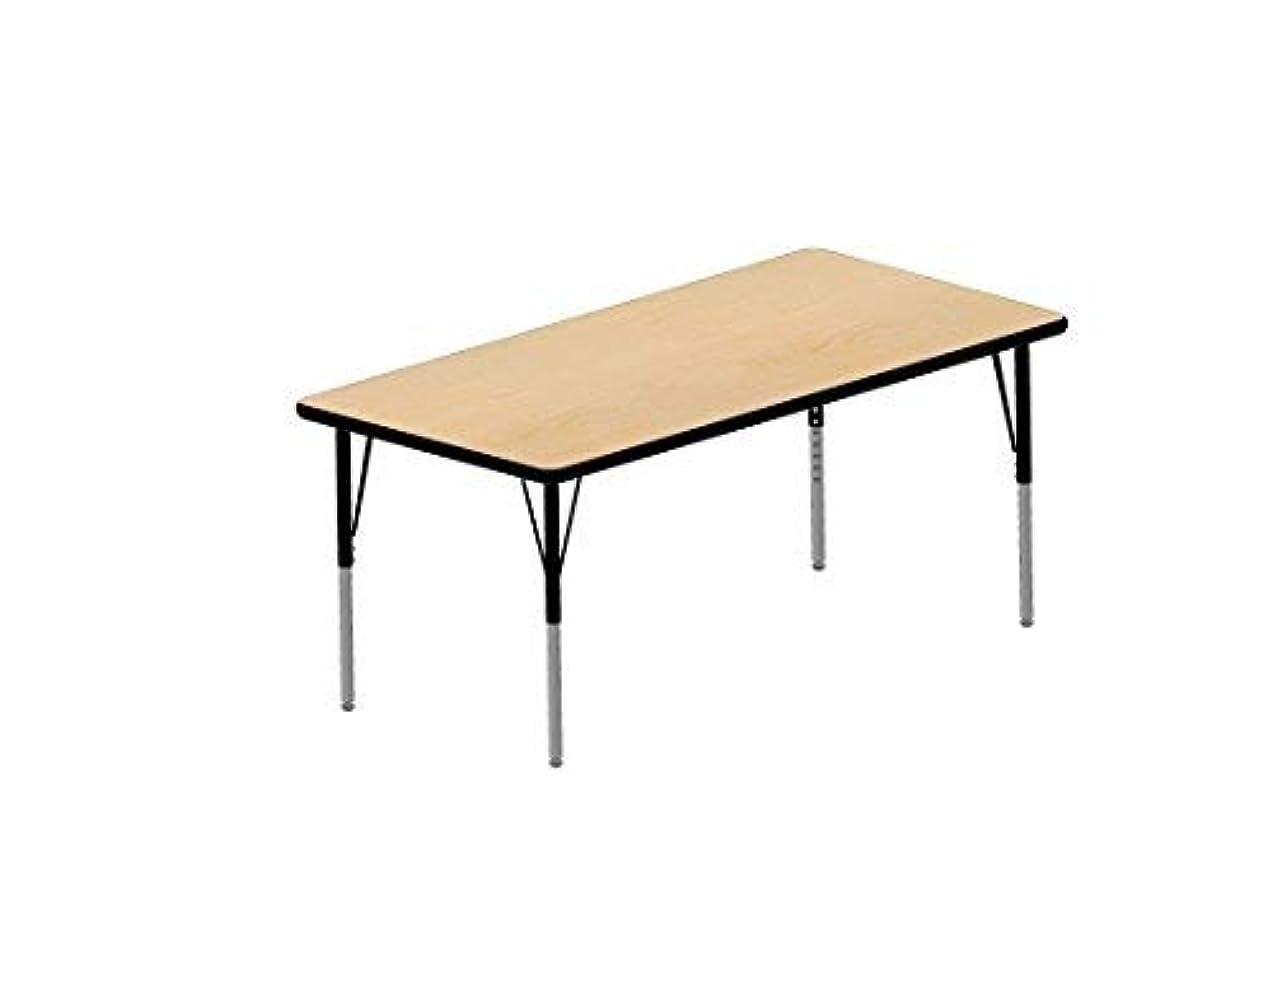 議論するトランク断片Multi-Functional Collaborative Activity Table - Genesis Collection - Rectangle - 30 W x 60 L [並行輸入品]